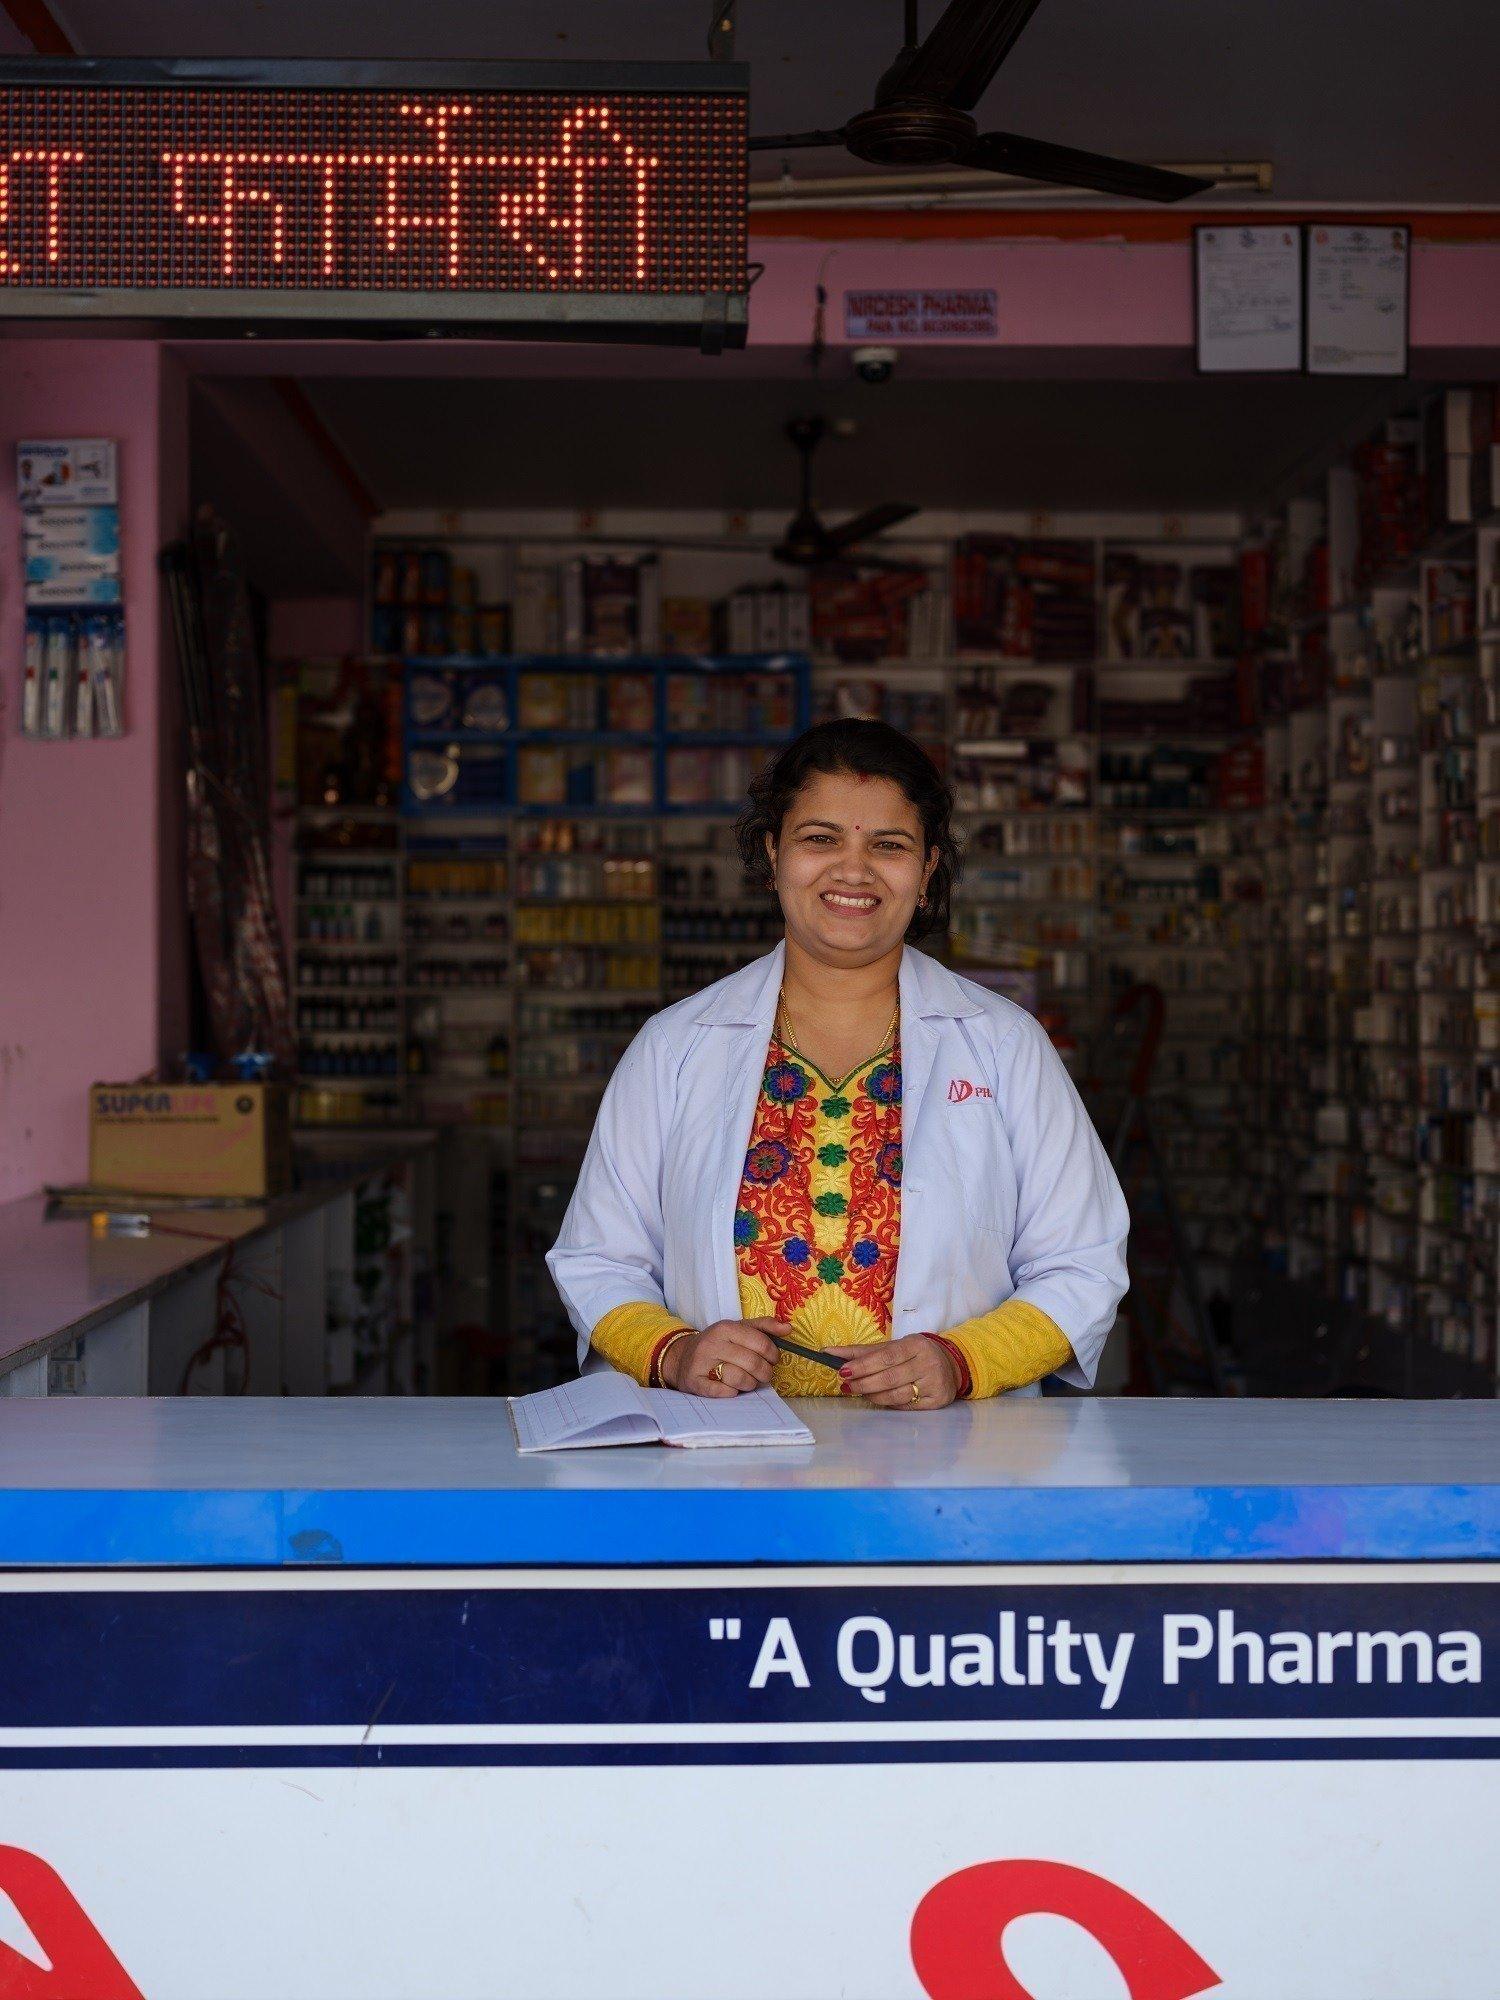 Brindhya Parajuli führt eine Apotheke und ist Mutter zweier Kinder. Es erfüllt sie mit Solz, dass sie für ihre Familie sorgen kann.